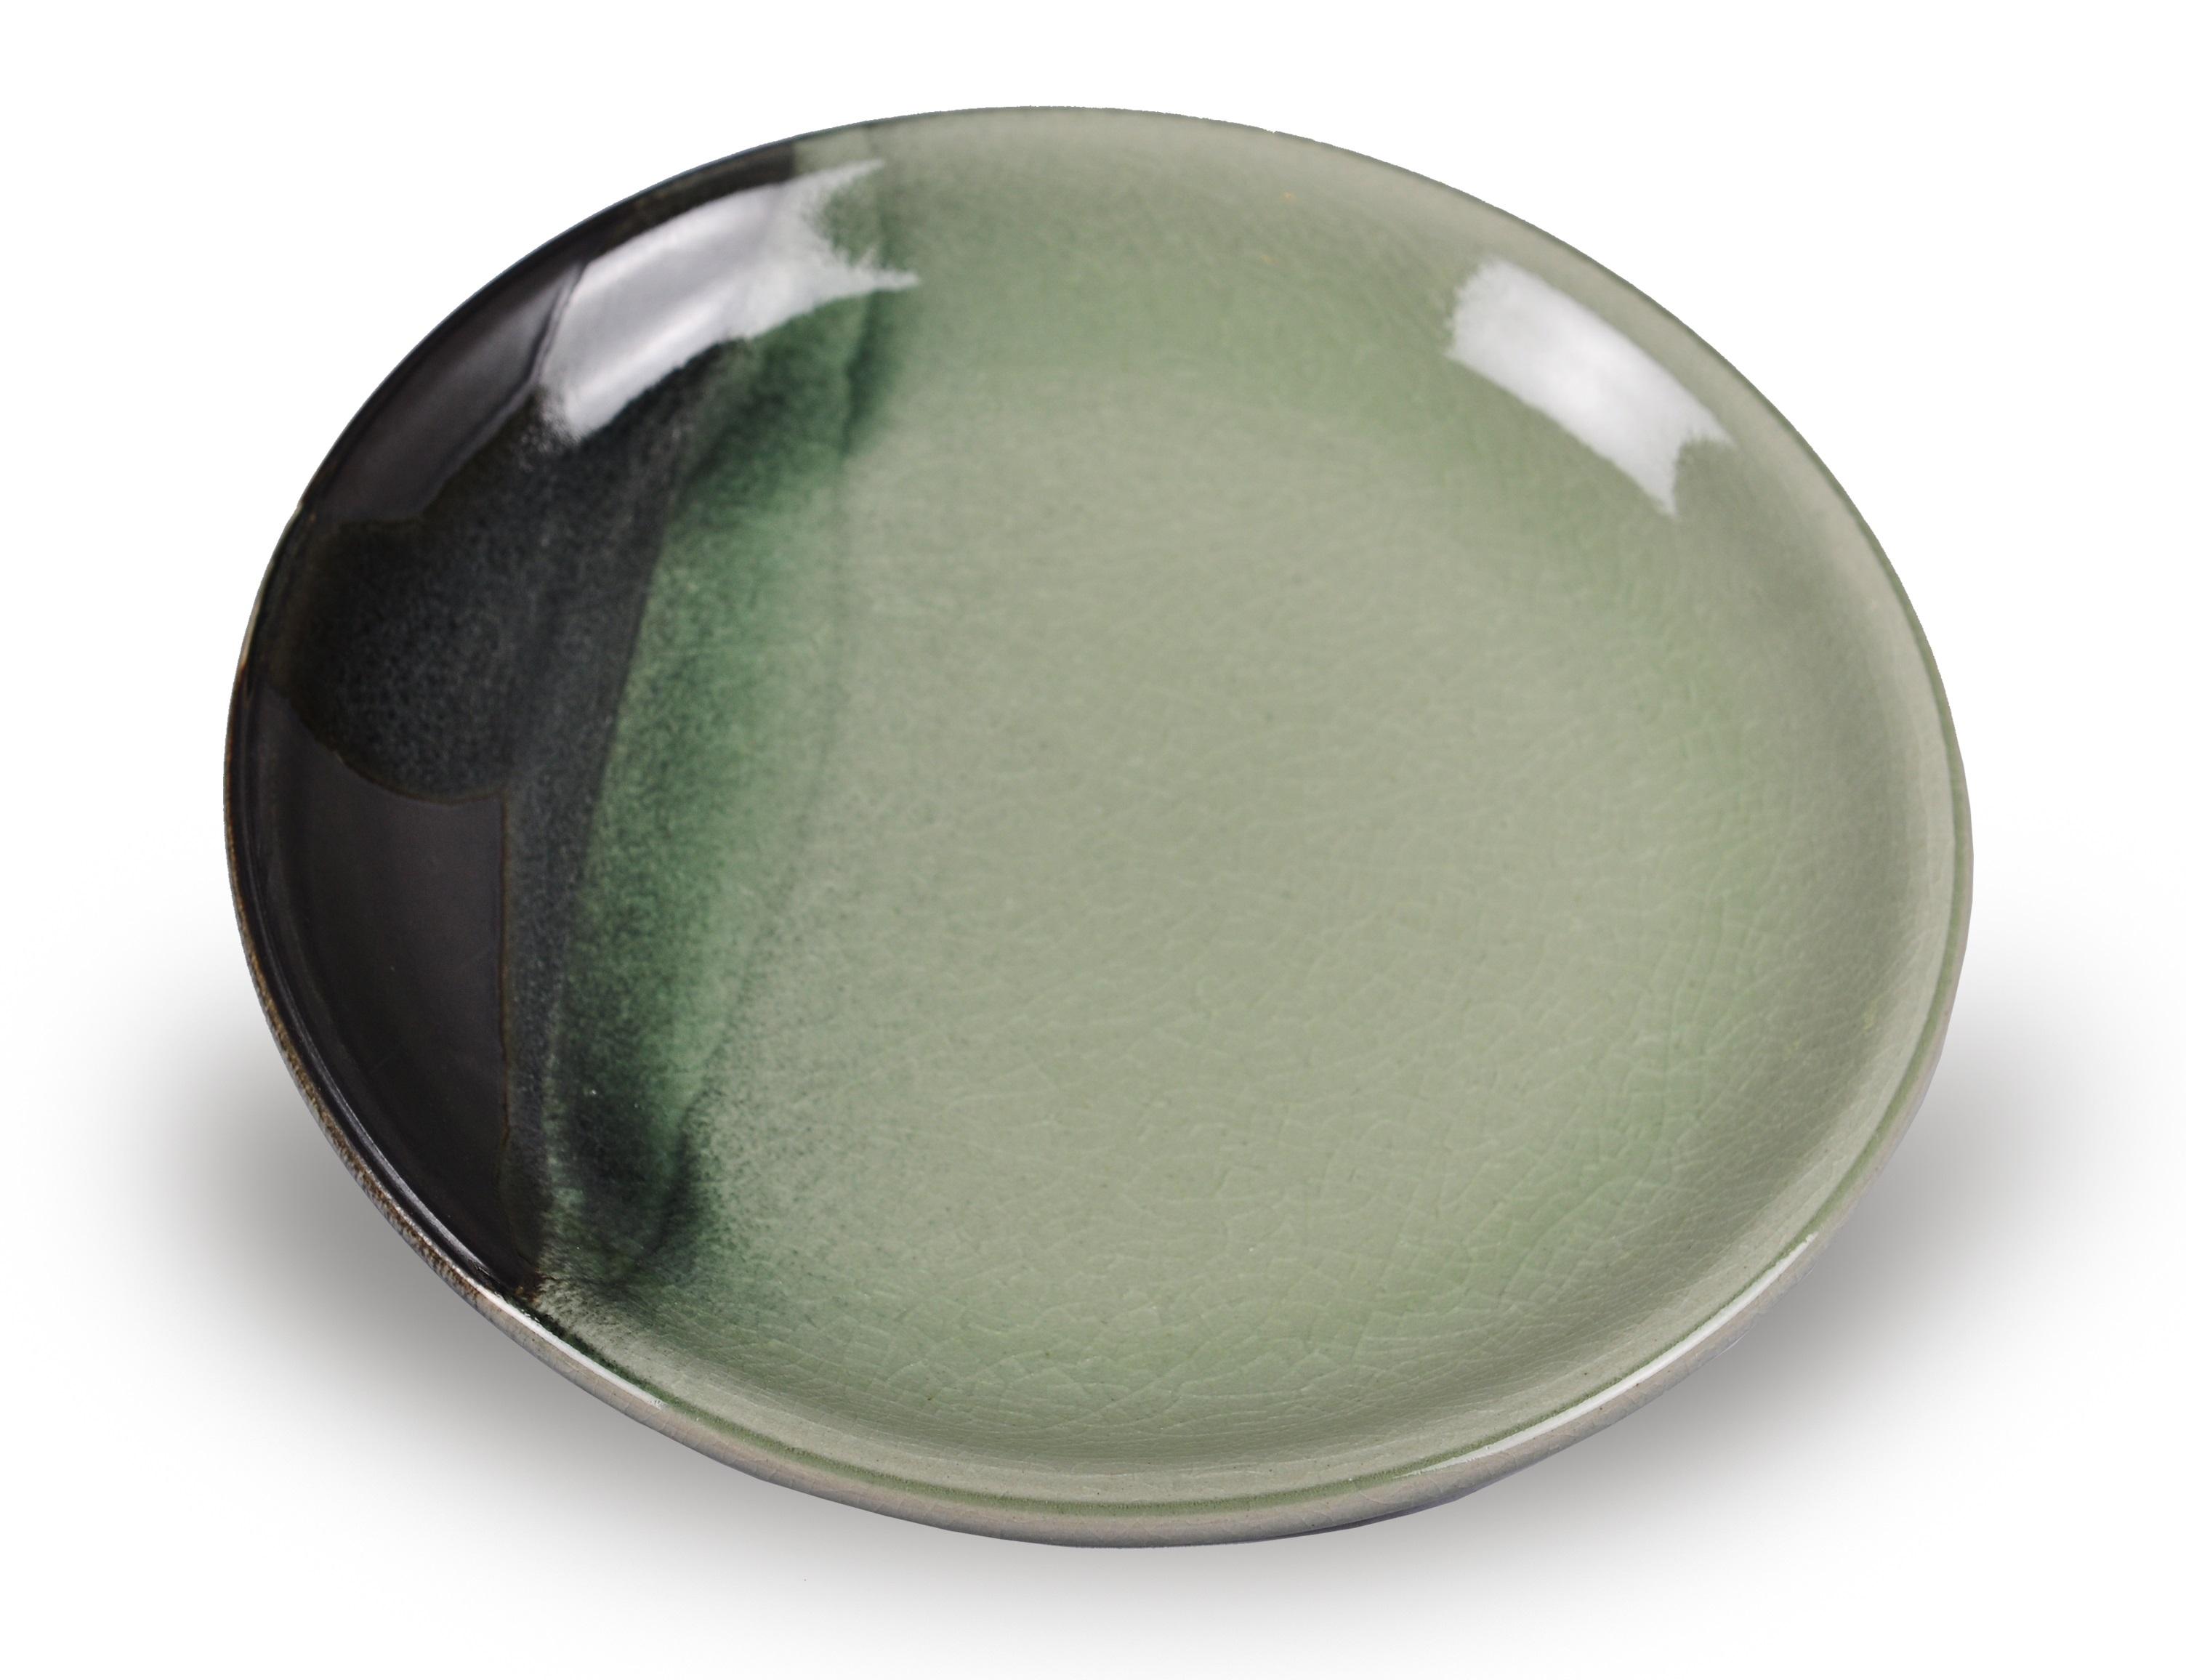 Тарелка AdamarТарелки<br>Цвета посуды из коллекции &amp;quot;Adamar&amp;quot; удивительным образом повторяют естественный градиент нефрита Ланьтянь и Сюянь, редких поделочных сортов, особенно почитаемых в древнем Китае. Красоту нефрита здесь сравнивали с самыми благородными качествами человека. Посуда, созданная в этом стиле, станет прекрасным подароком для тех, кто ценит традиции и стиль.<br><br>Material: Керамика<br>Height см: 2.75<br>Diameter см: 25